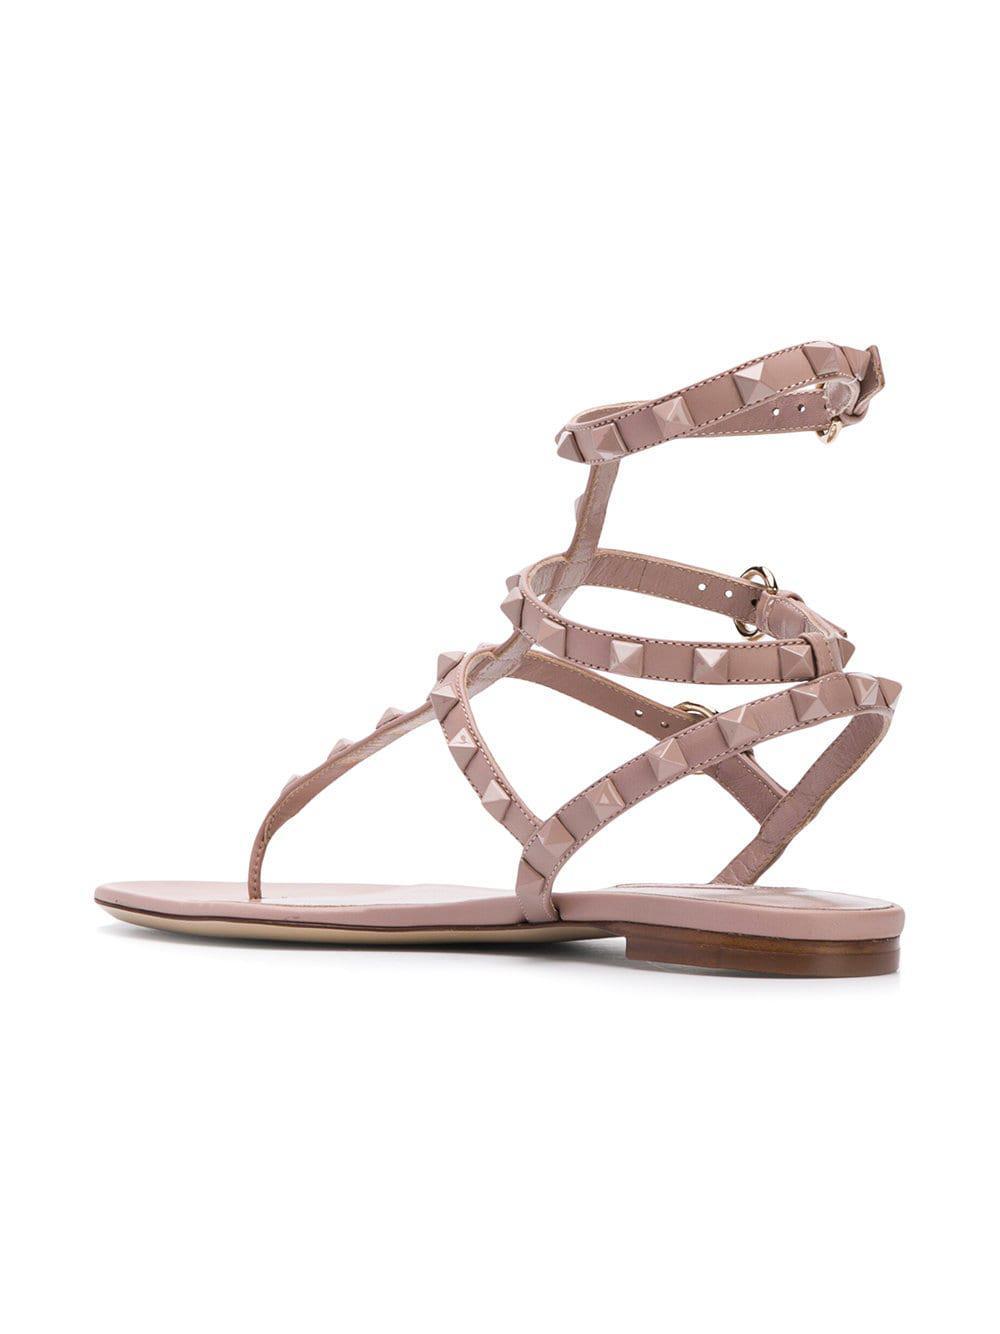 f0fcb725d62a Valentino - Multicolor Garavani Rockstud Sandals - Lyst. View fullscreen